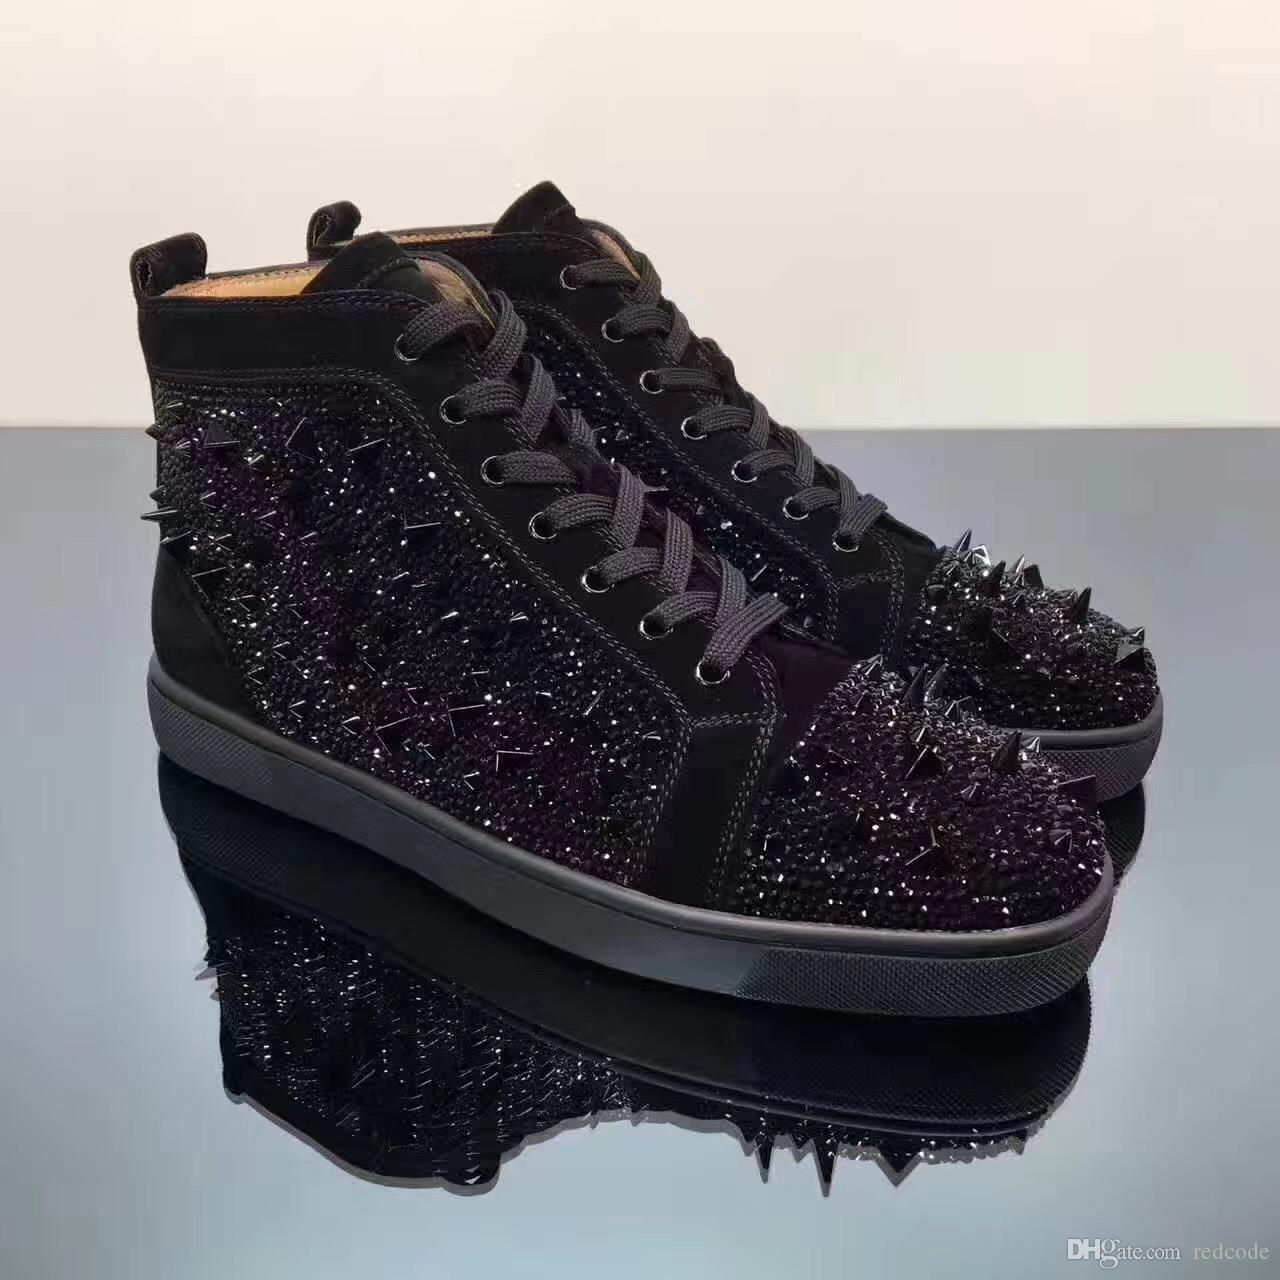 Siyah Strass Pik Pik Dikenler Kırmızı Alt Lüks Tasarımcı Erkek Strass Sneaker Moda Yürüyüş Elbise Düğün Casual Dantel-up Boş Ayakkabı